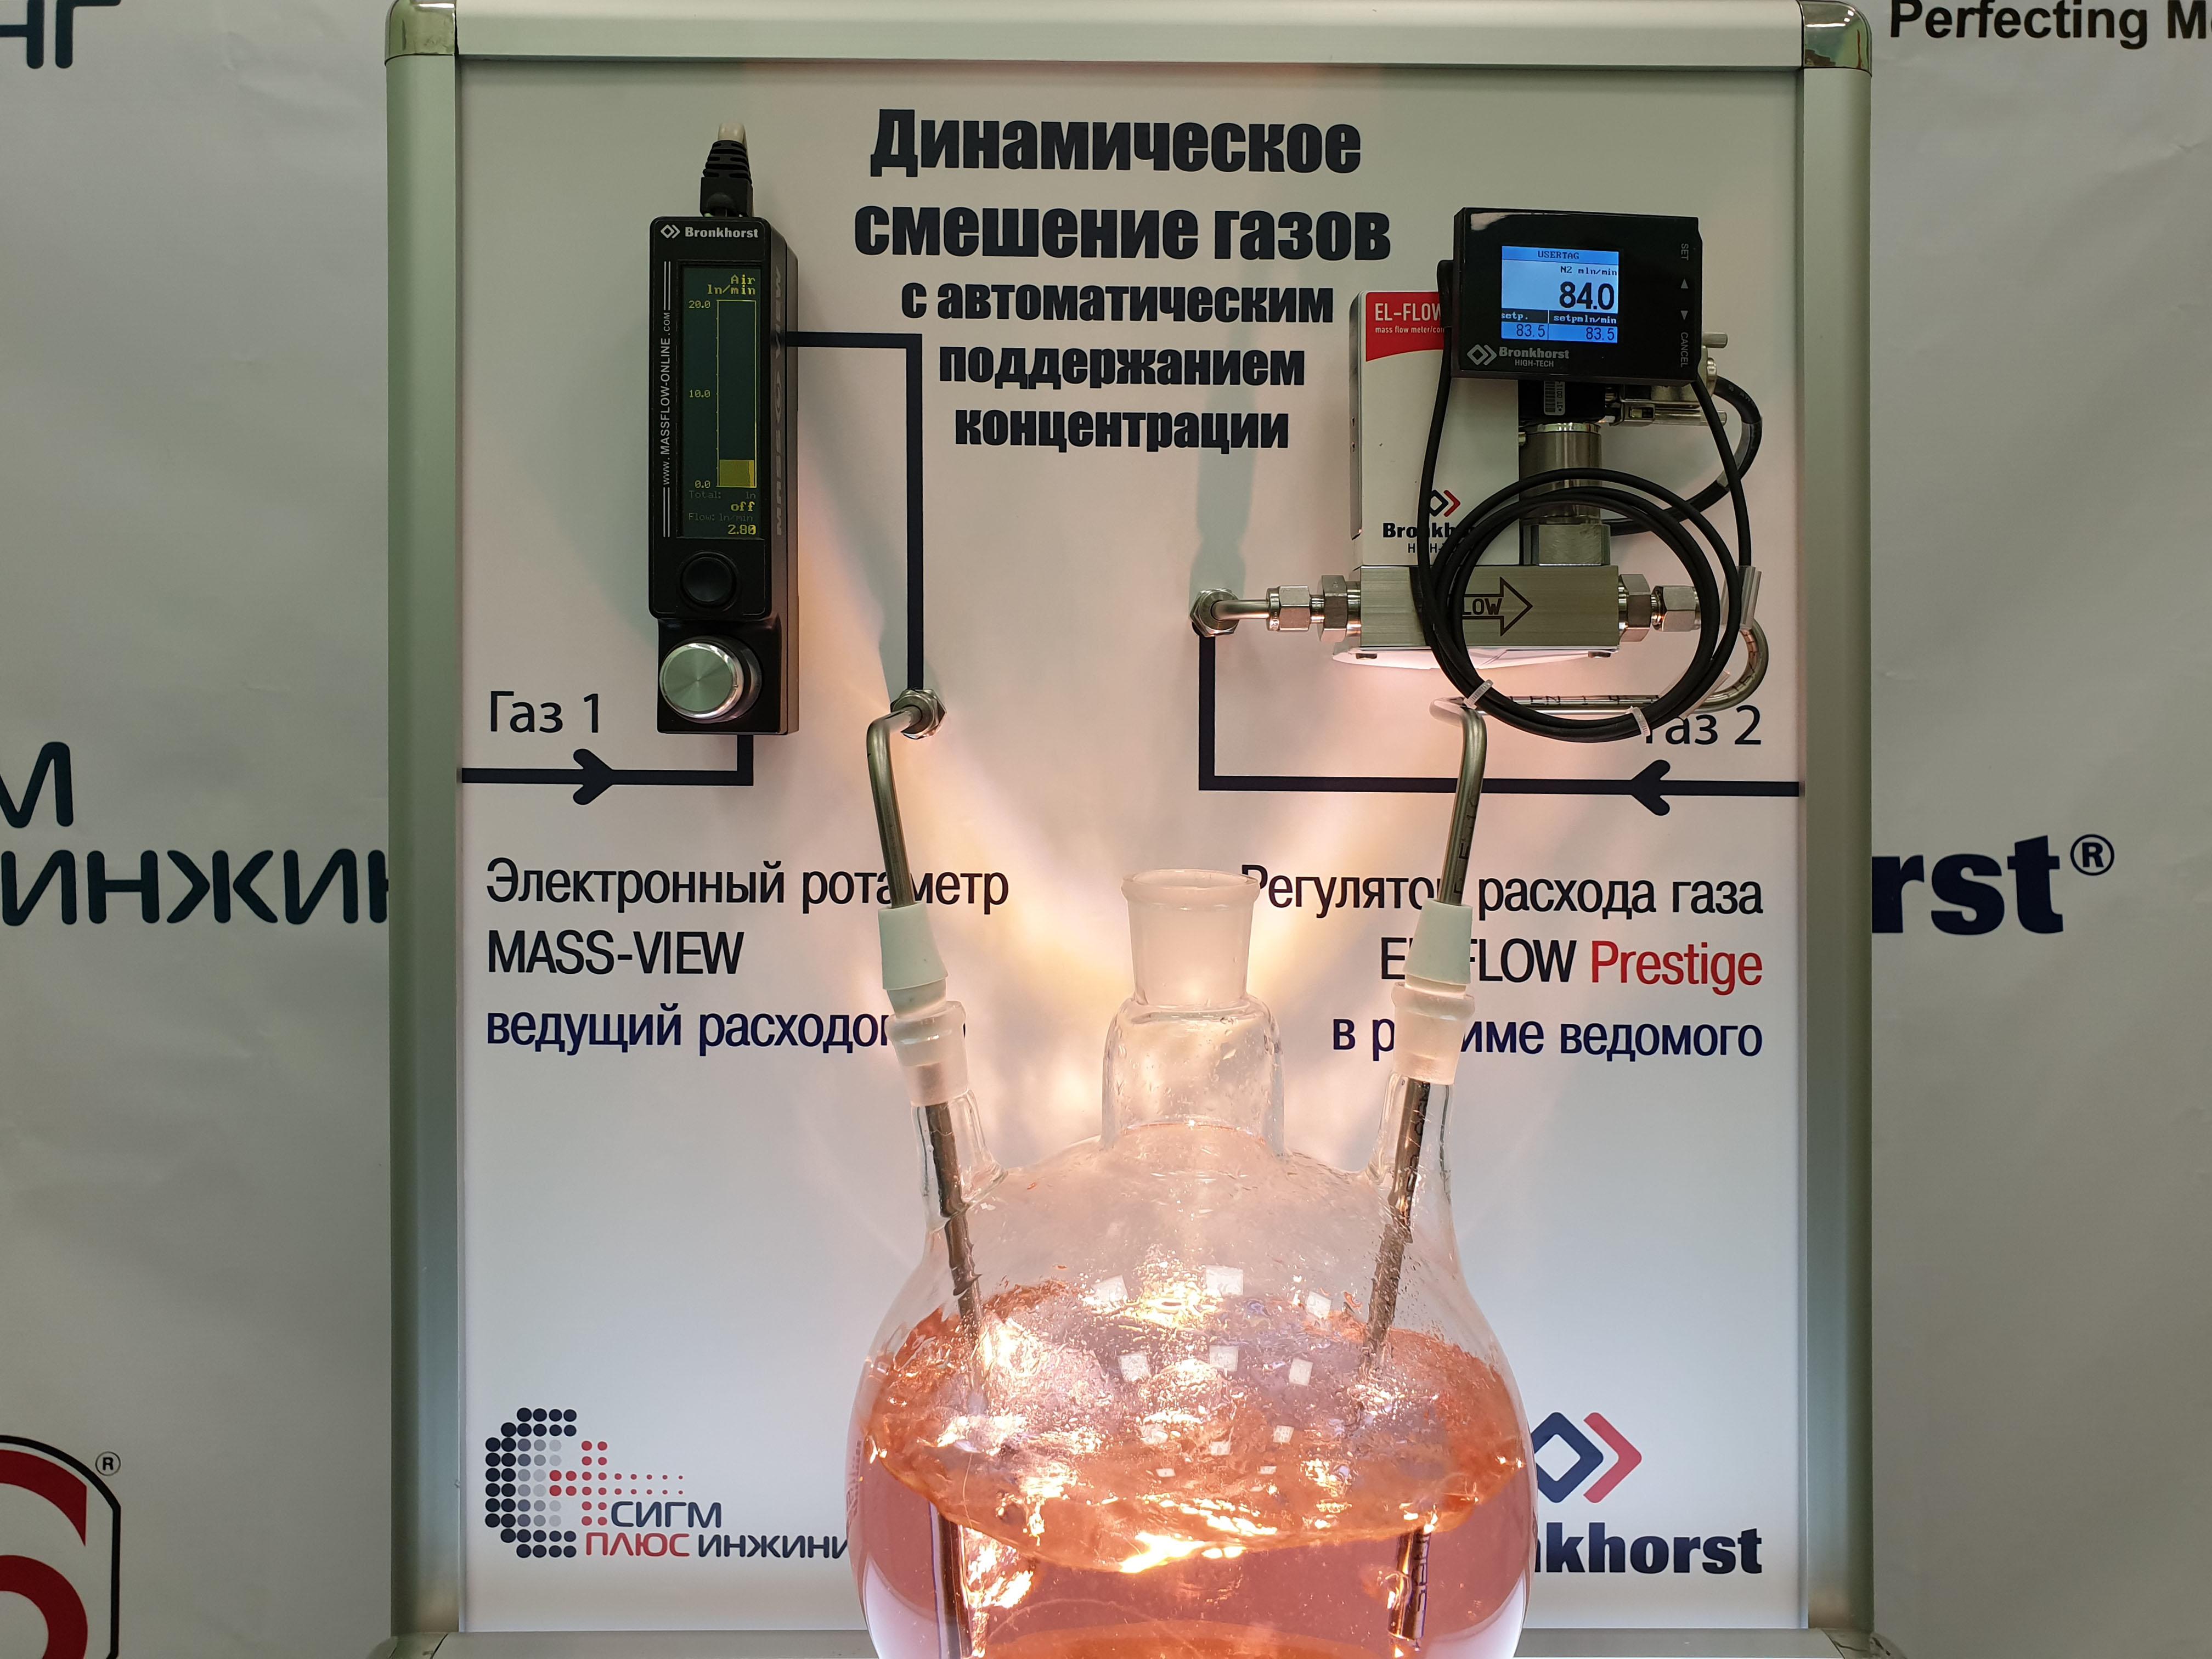 Стенд динамического смешение газов с автоматическим поддержанием концентрации